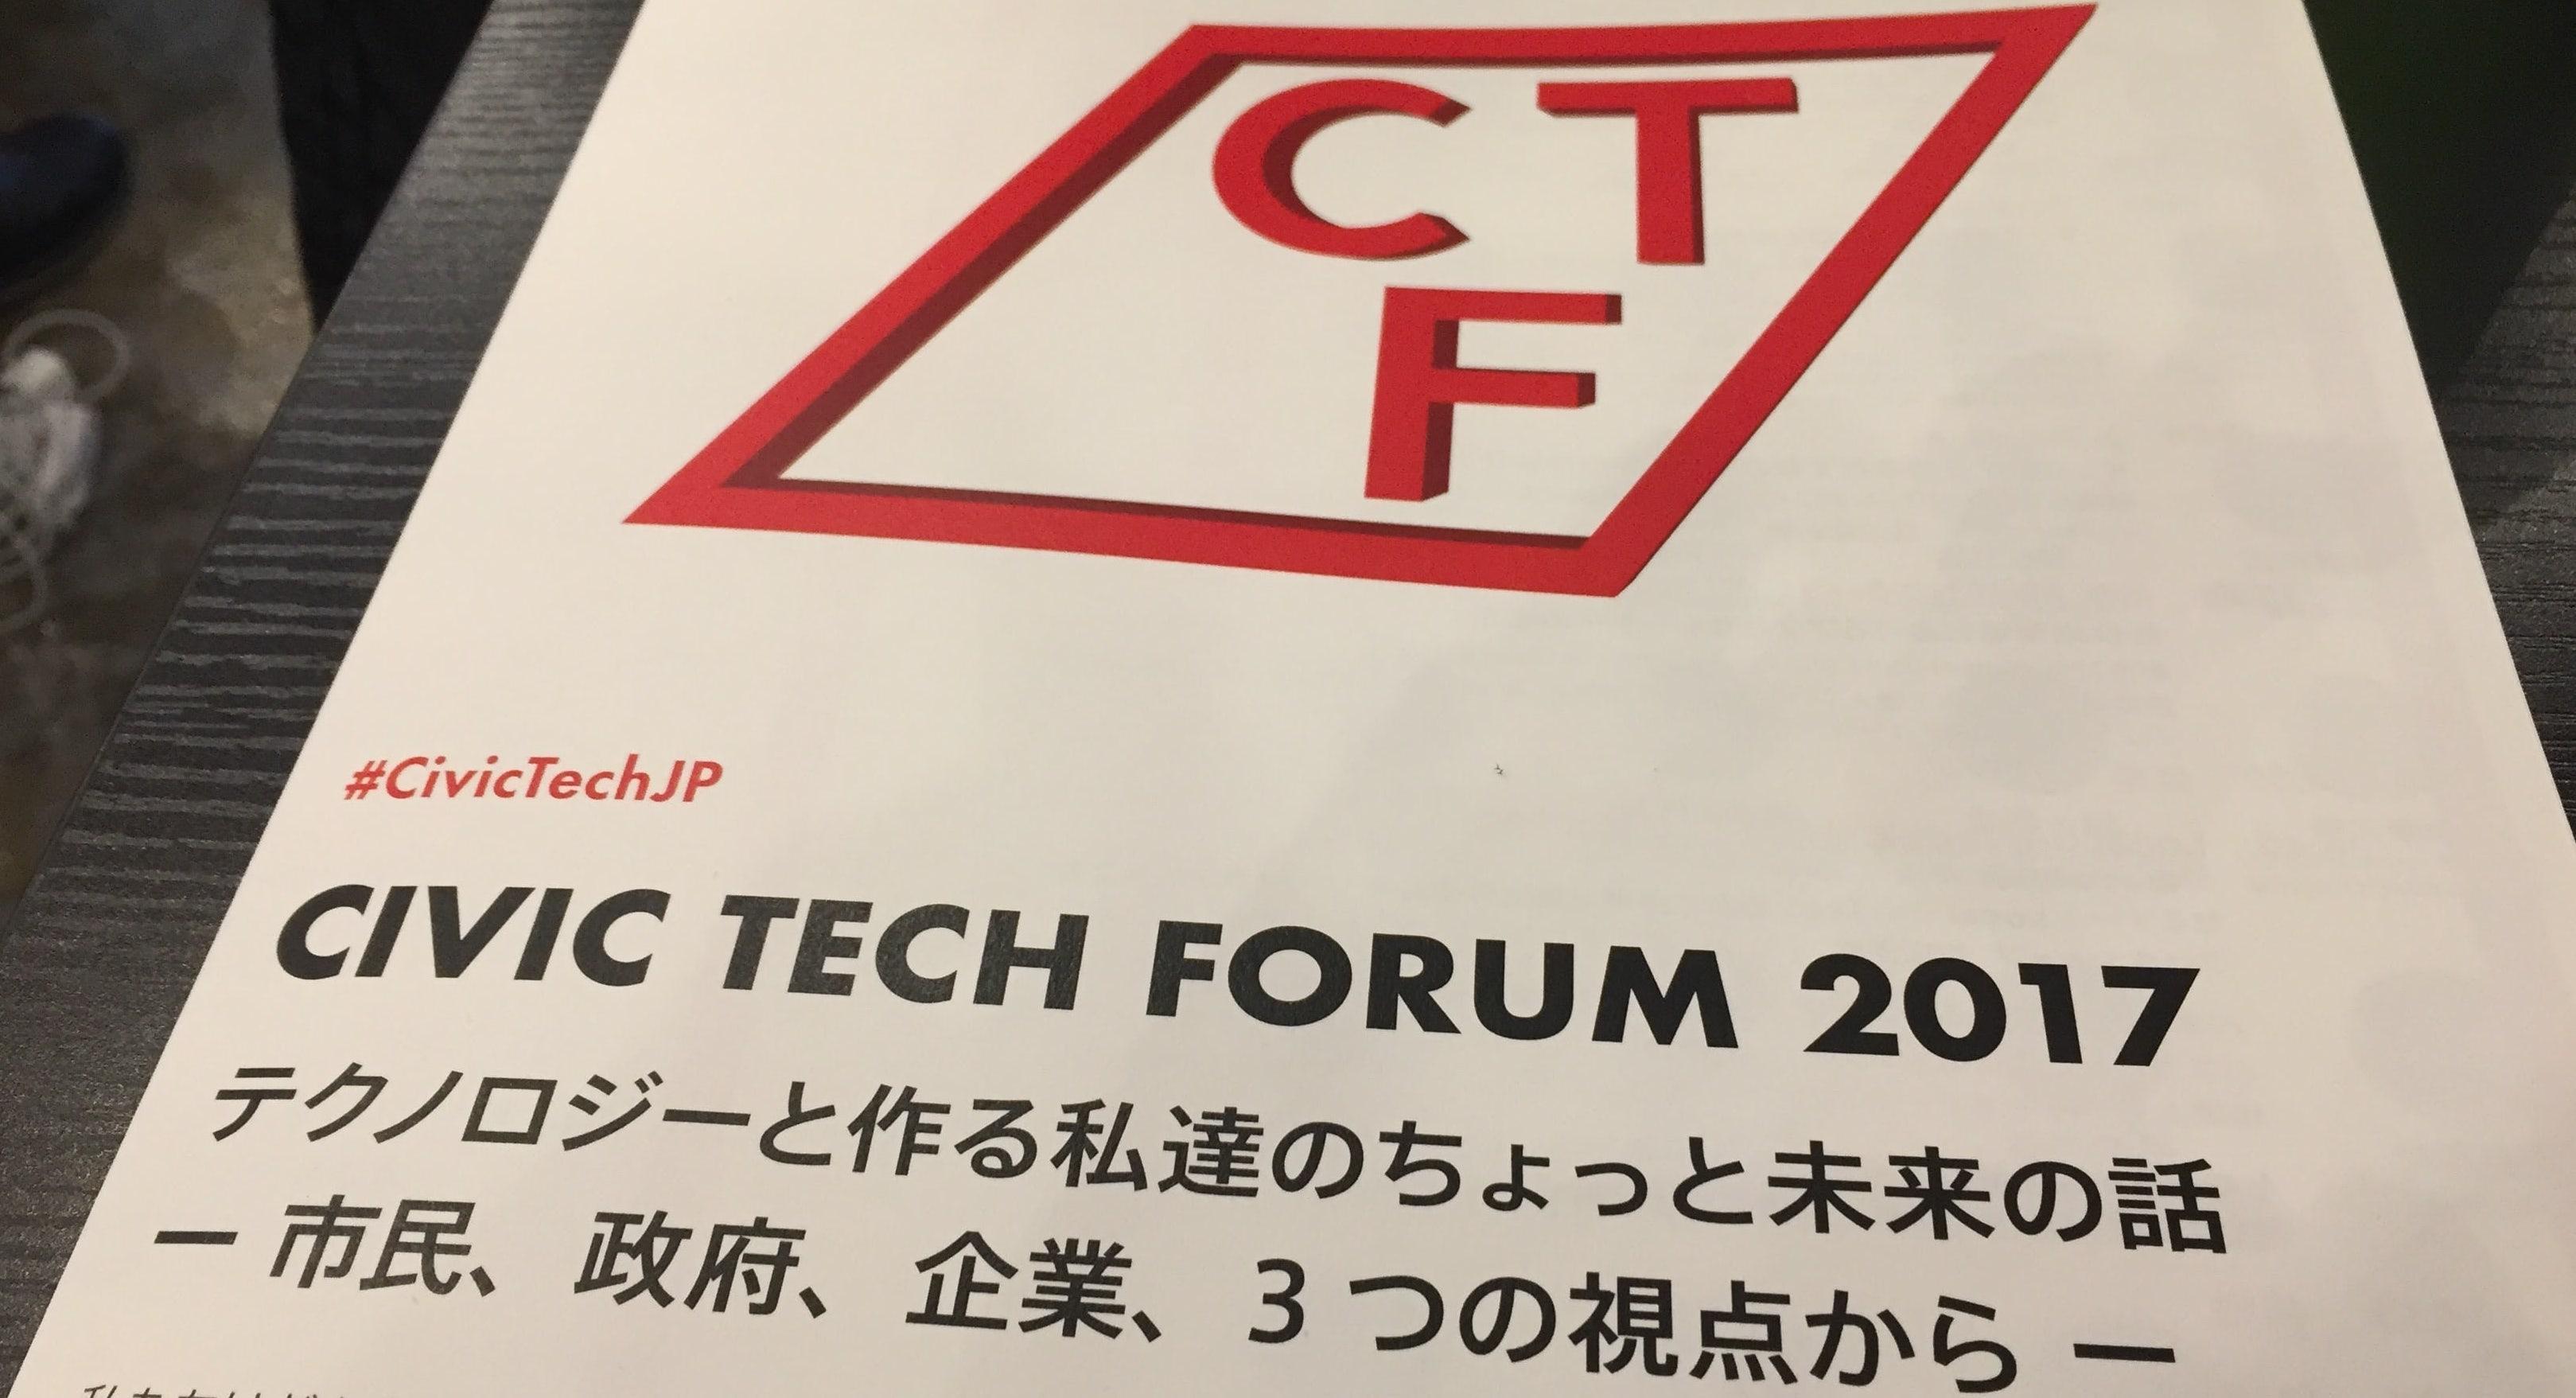 シビックテックフォーラムで語られた、市民・政府・企業の3つの視点で見るテクノロジーの未来